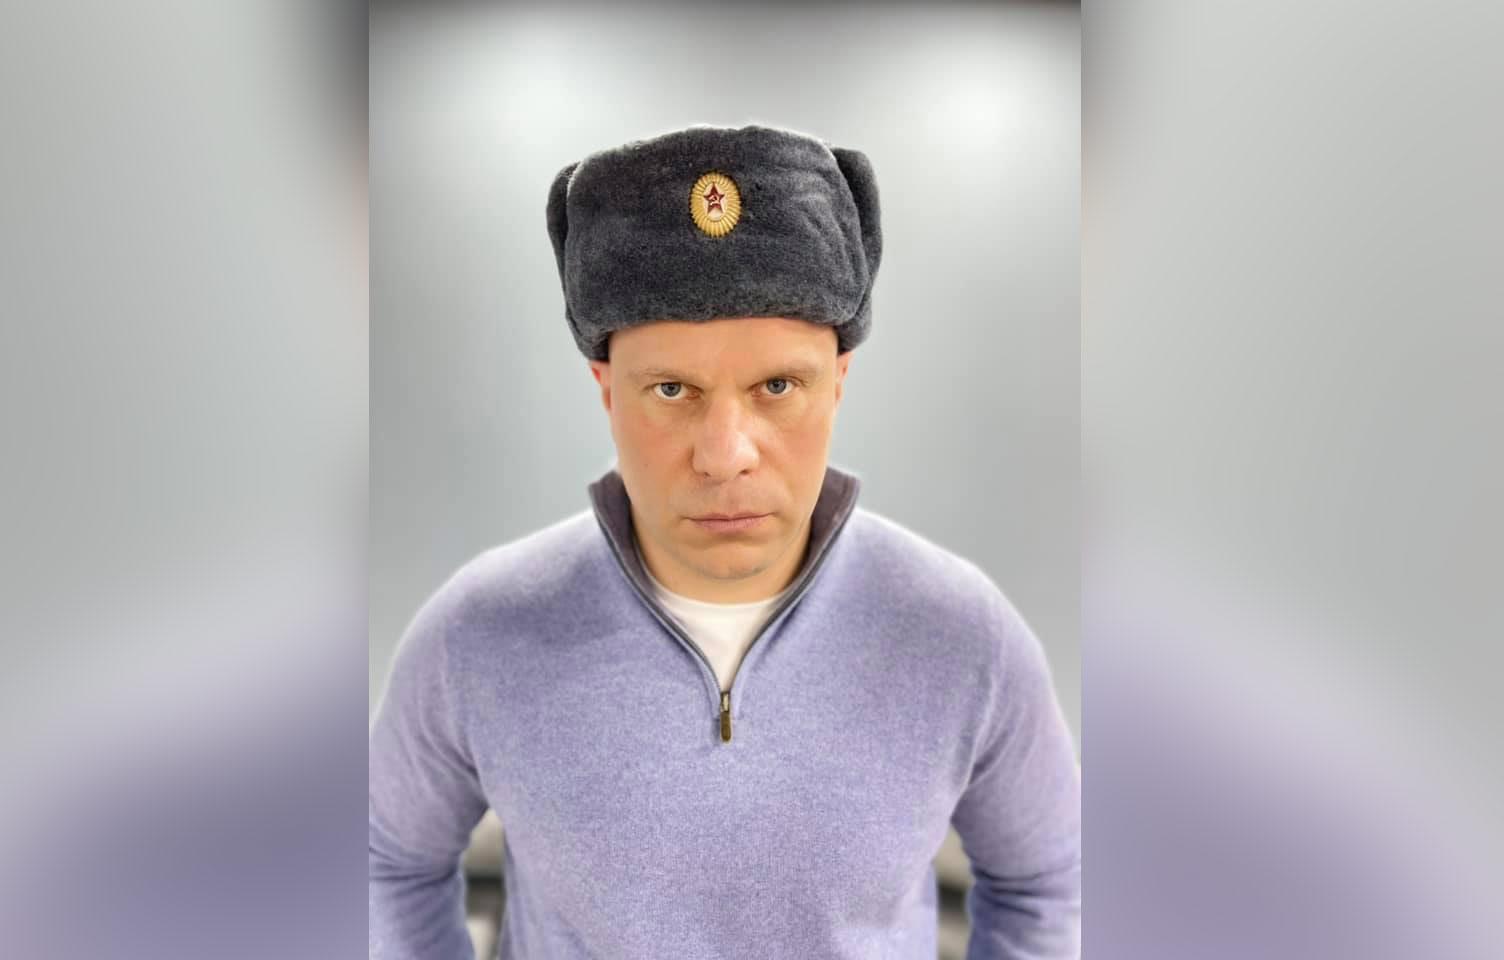 Депутат Рады надел шапку-ушанку с советской звездой и призвал арестовать его